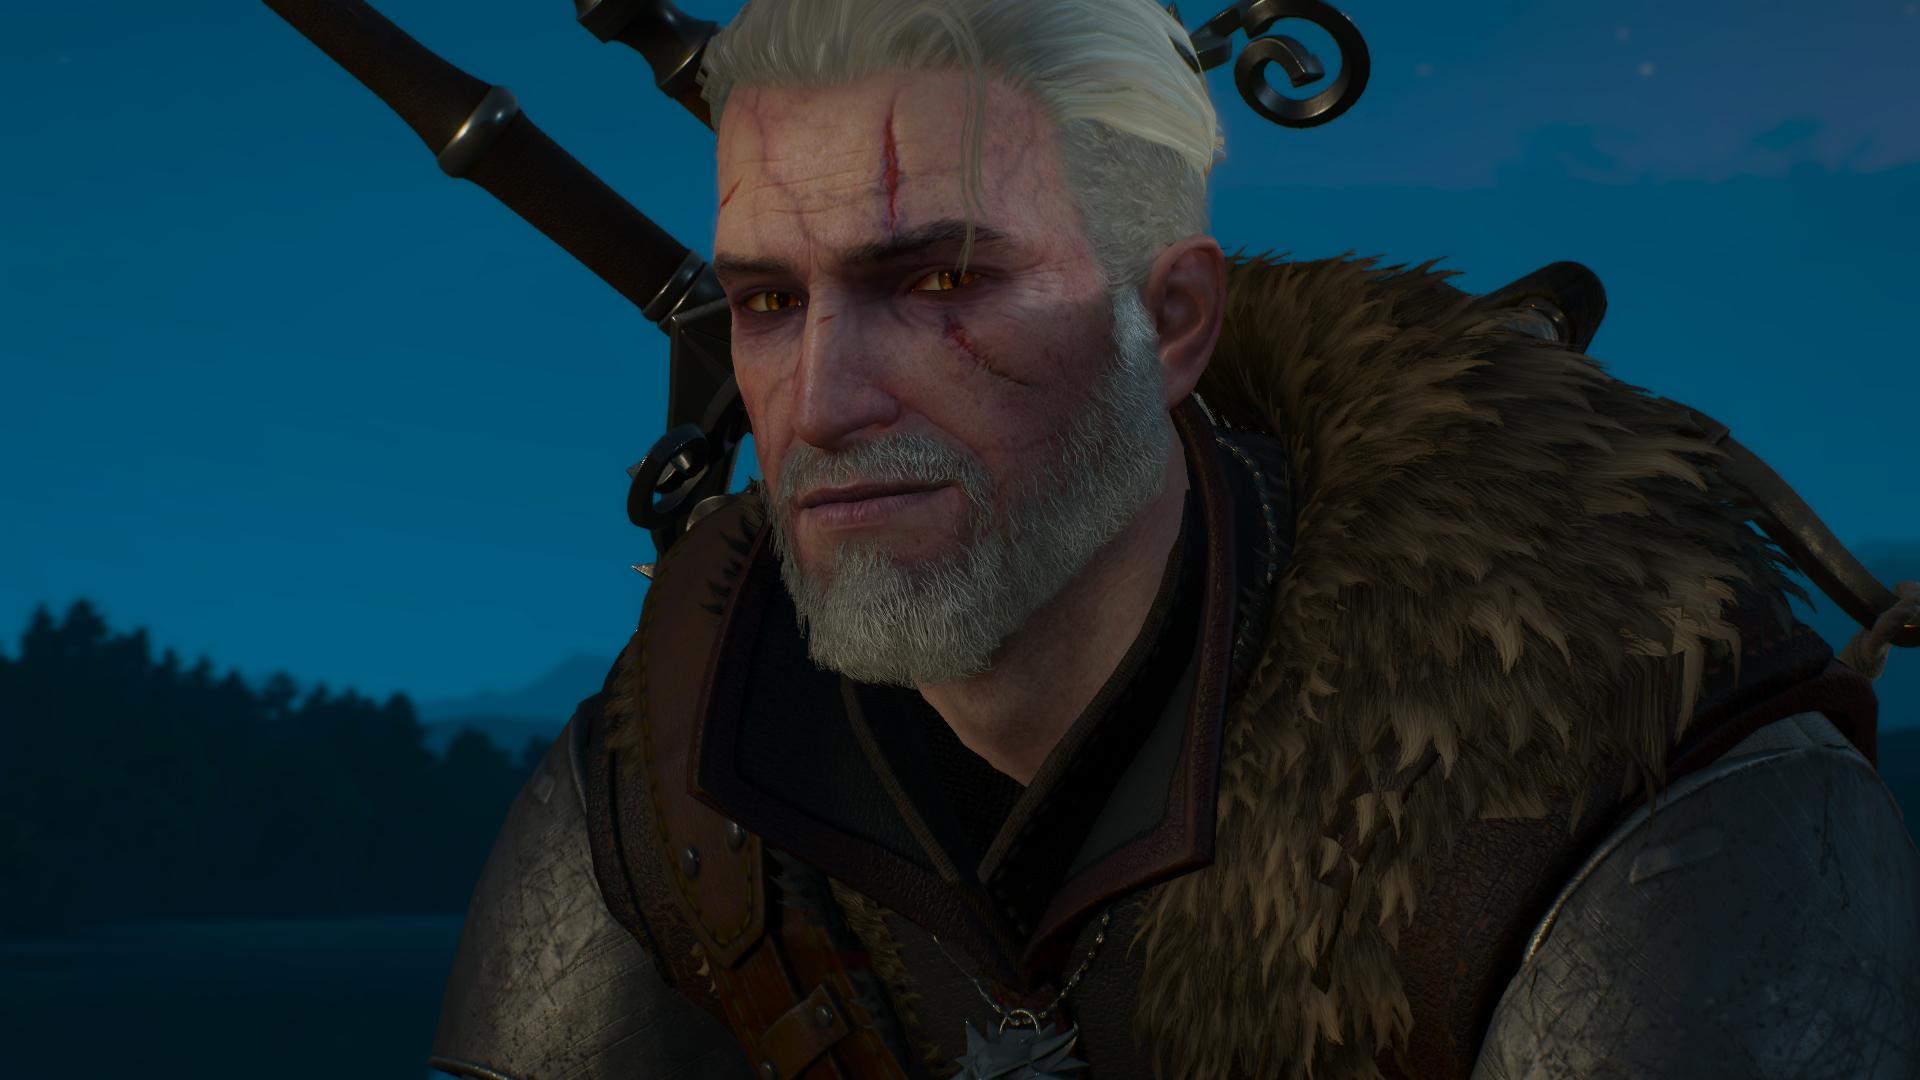 Посидим еще немного... - Witcher 3: Wild Hunt, the